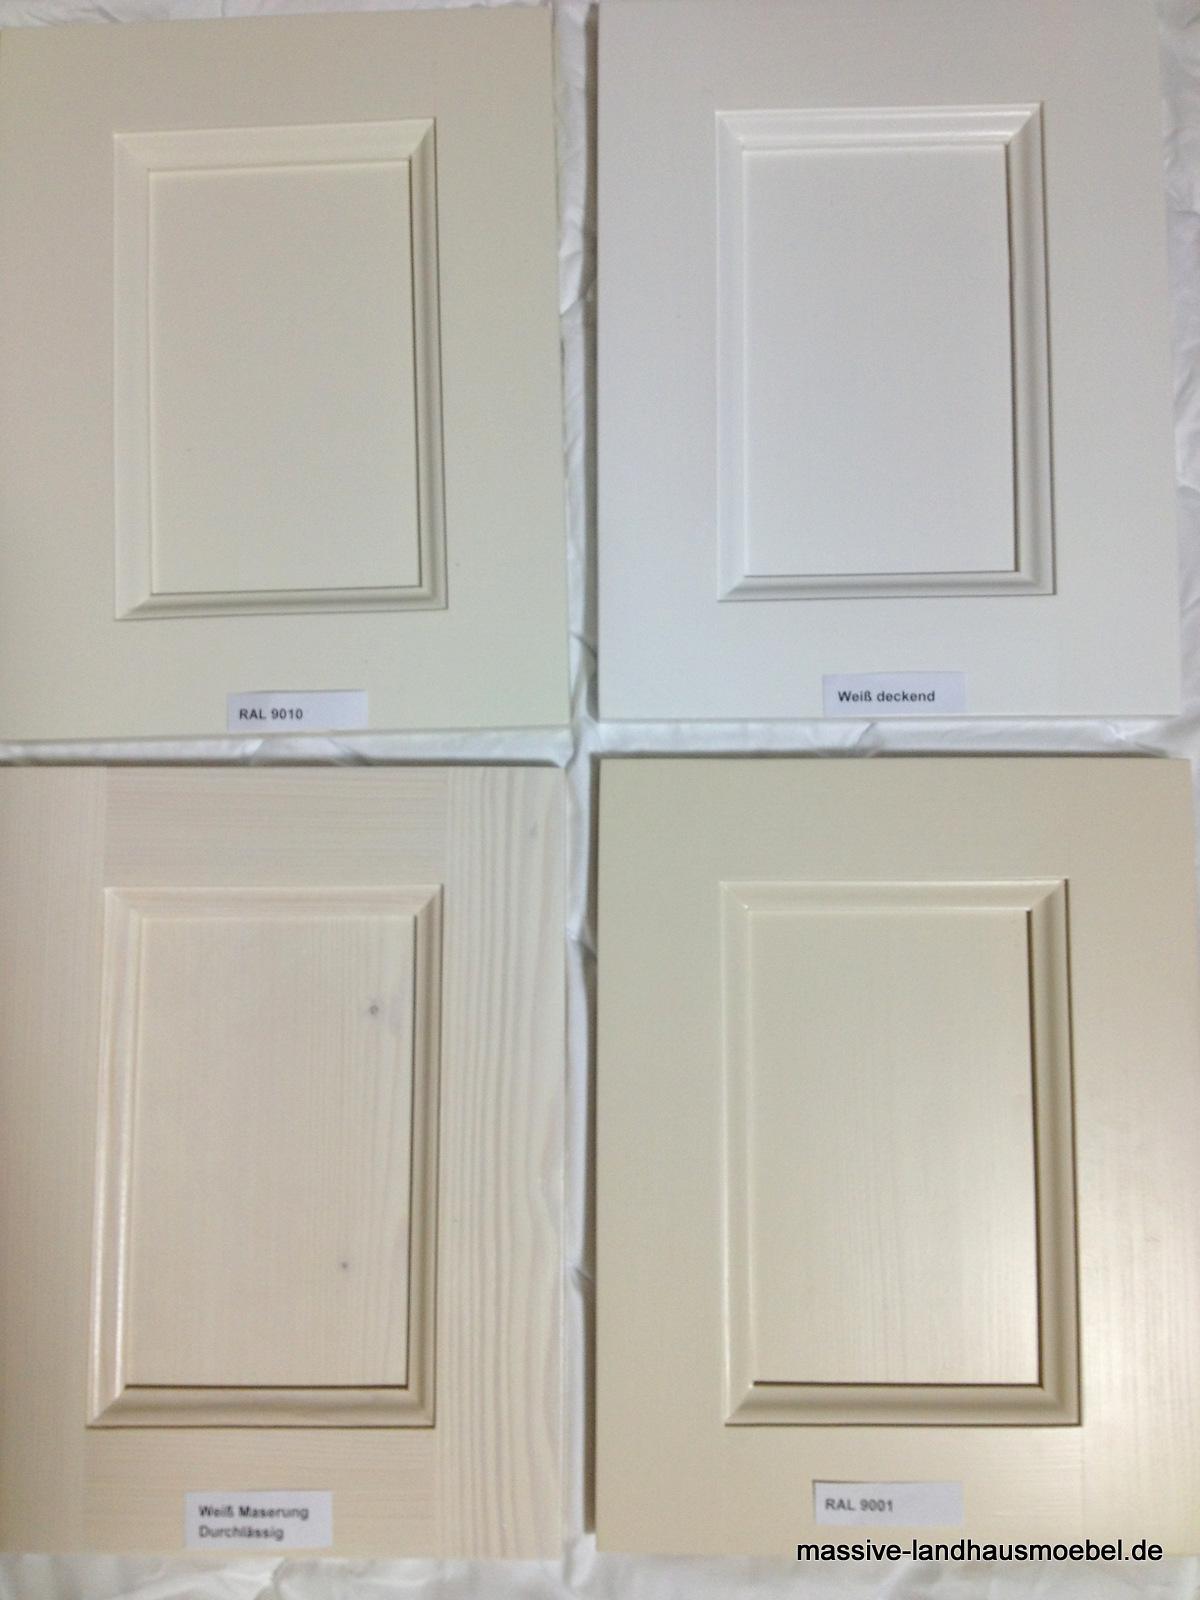 Massive Landhausmöbel - Weiß Variationen (Beispiele)